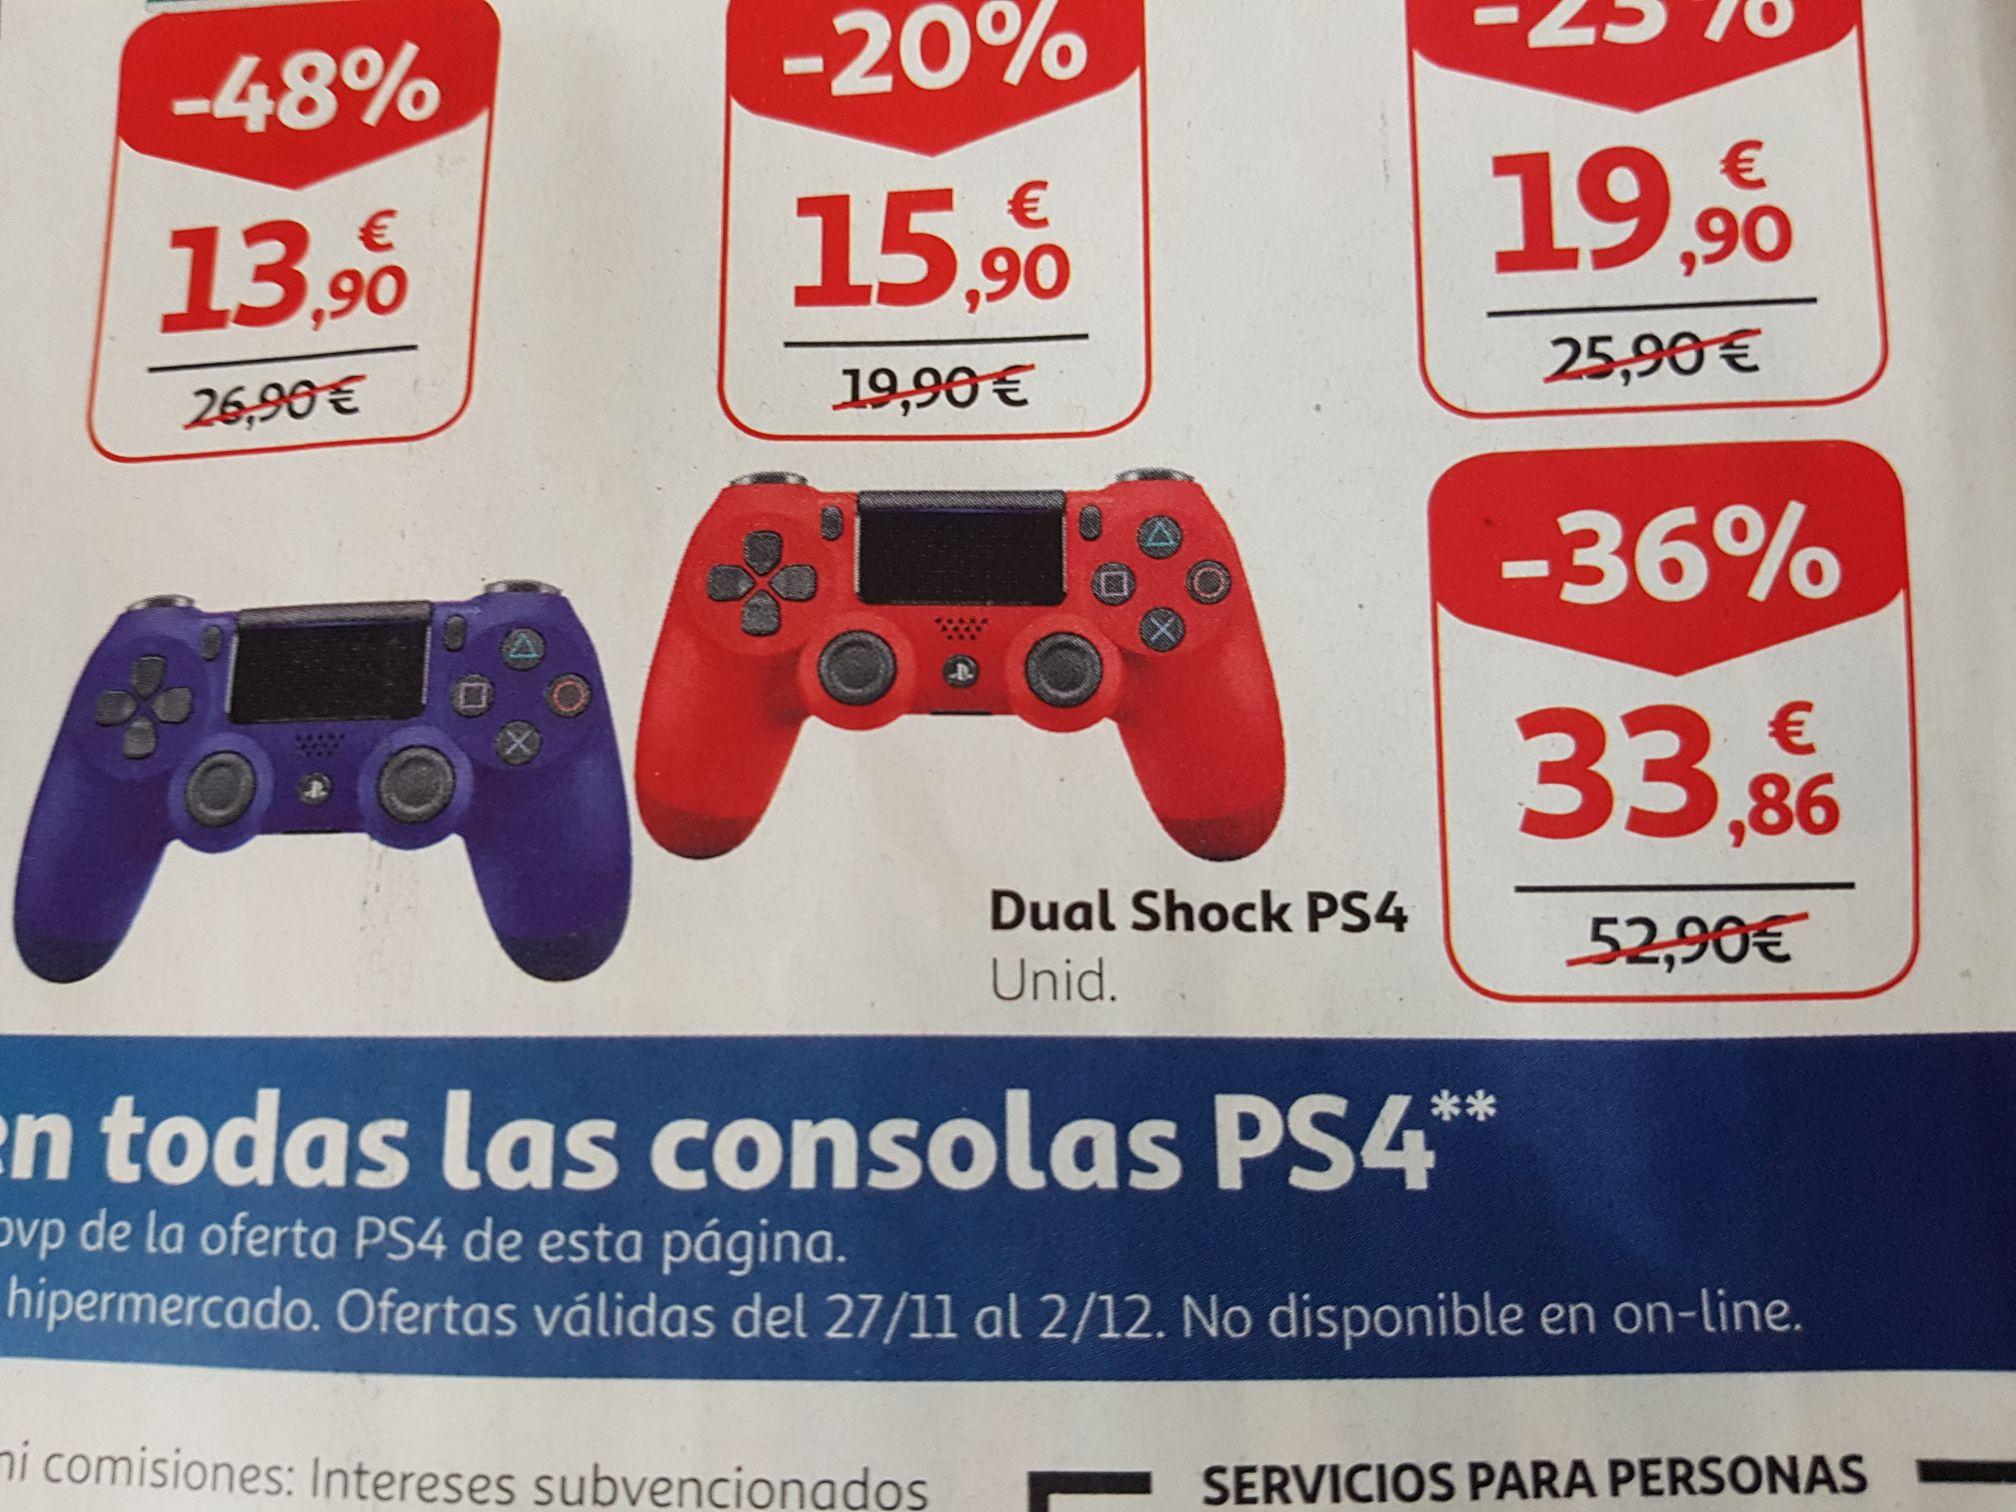 Mando Dualshock 4 para PS4 a 33,86€